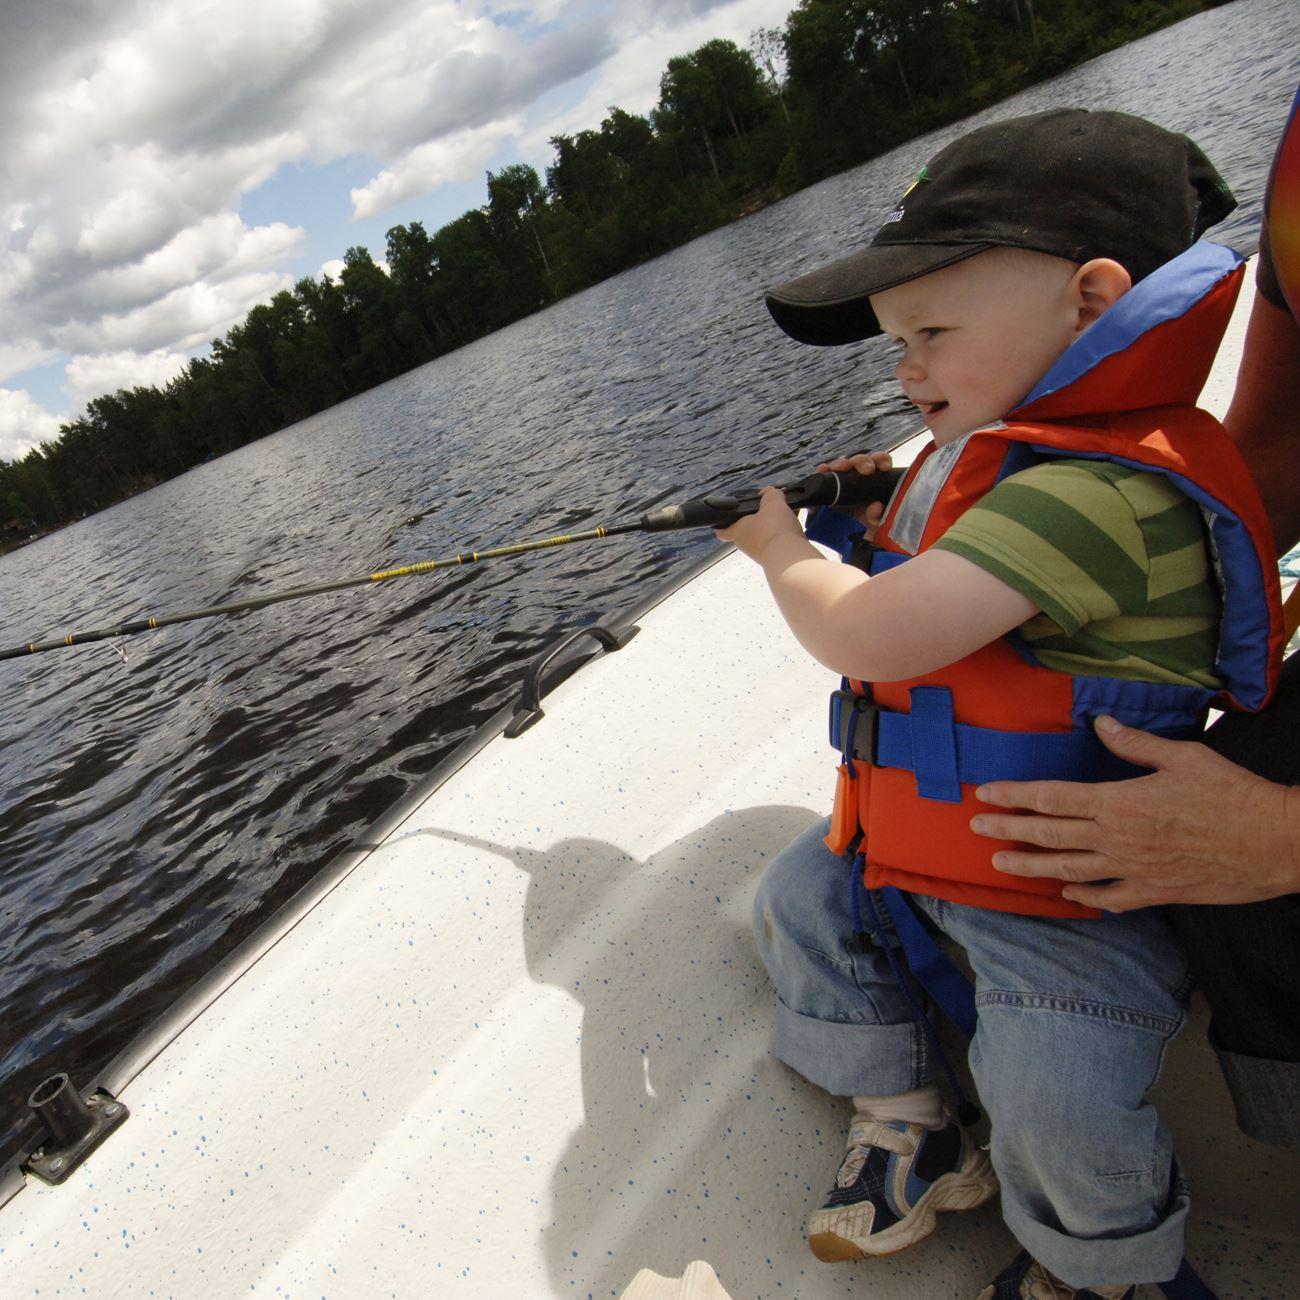 Foto: Smålandsbilder.se,  © Värnamo Näringsliv AB , Fishing in lake Rannäsasjön